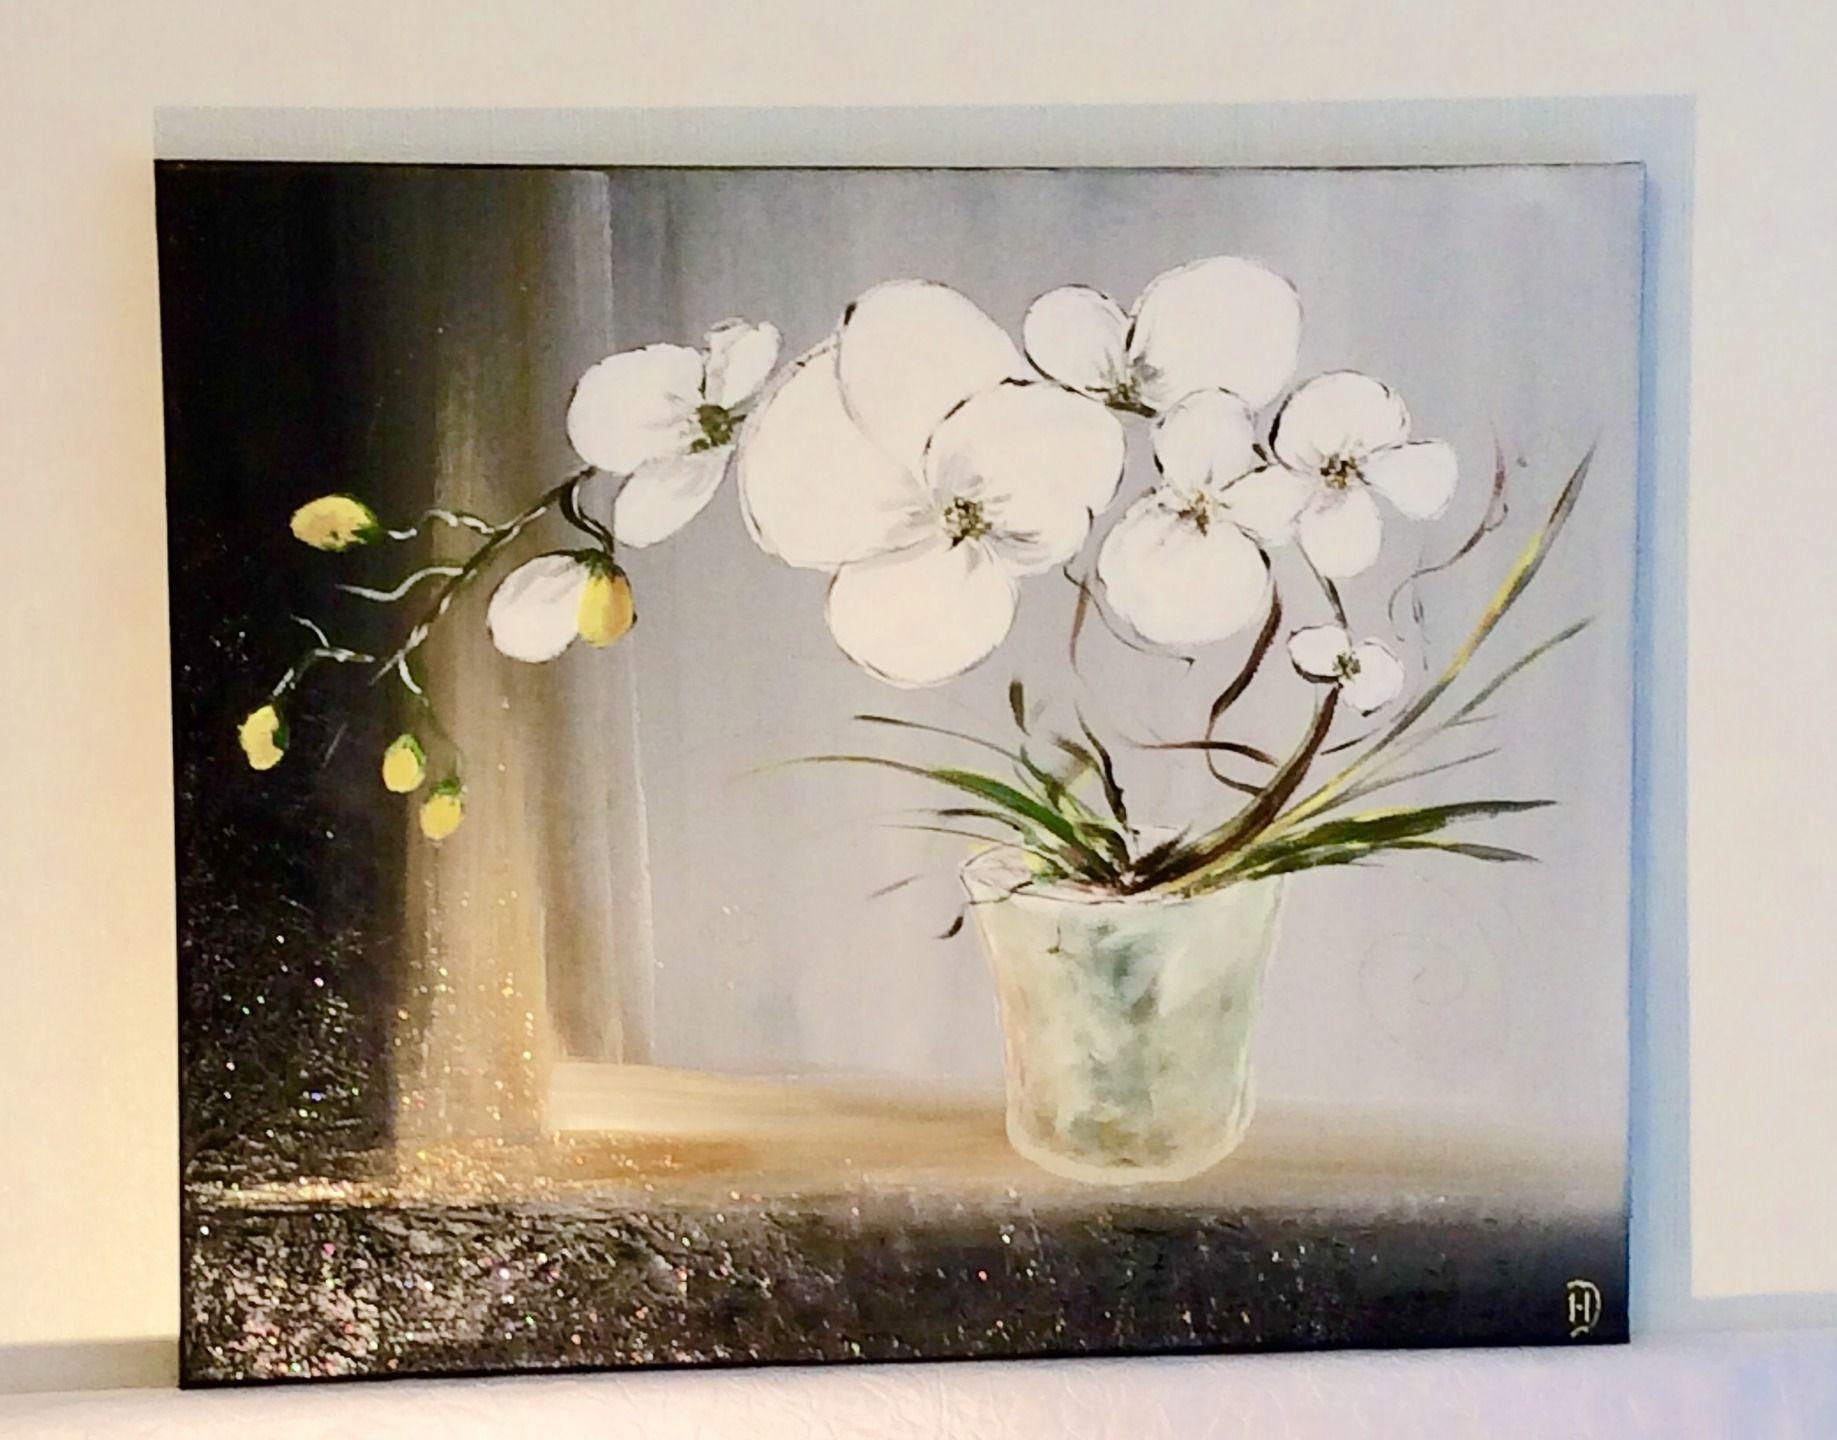 tableau orchid e blanche peinture acrylique reserve orchid es pinterest orchid es. Black Bedroom Furniture Sets. Home Design Ideas